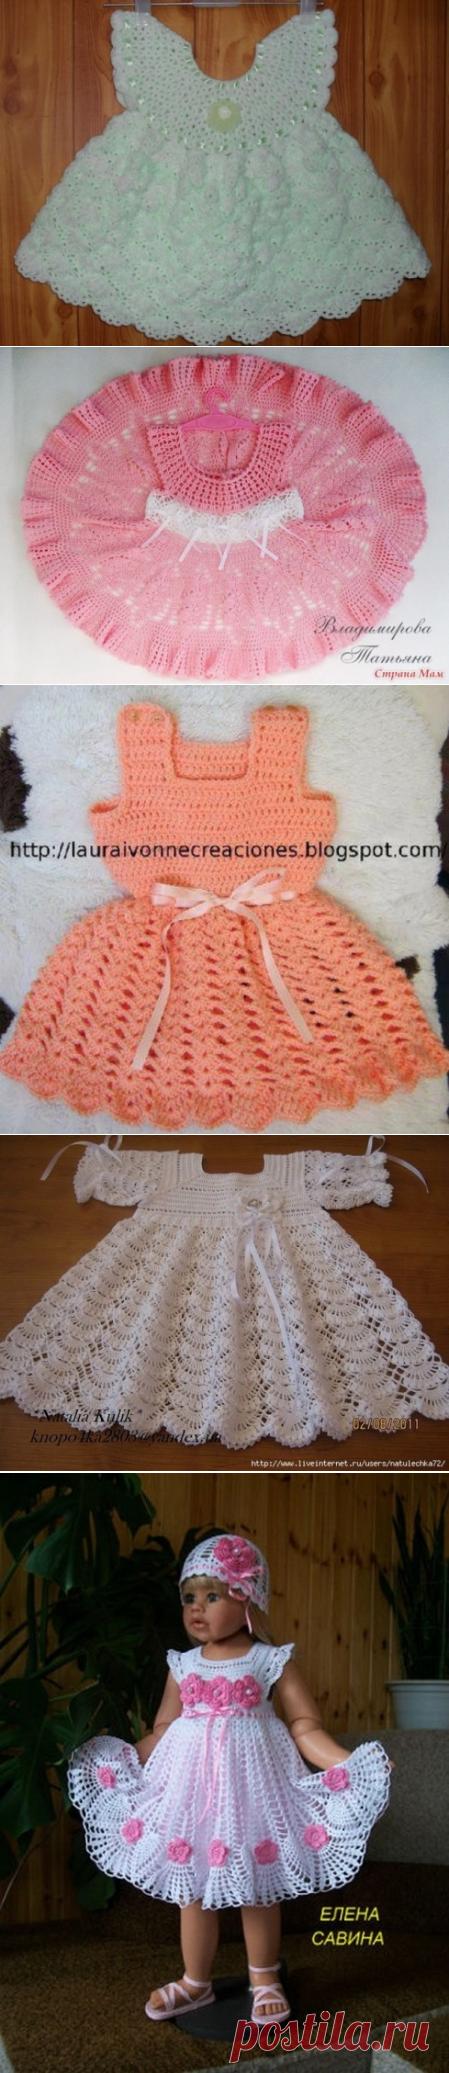 Los vestidos - el Modelo del niño de la labor de punto por el gancho